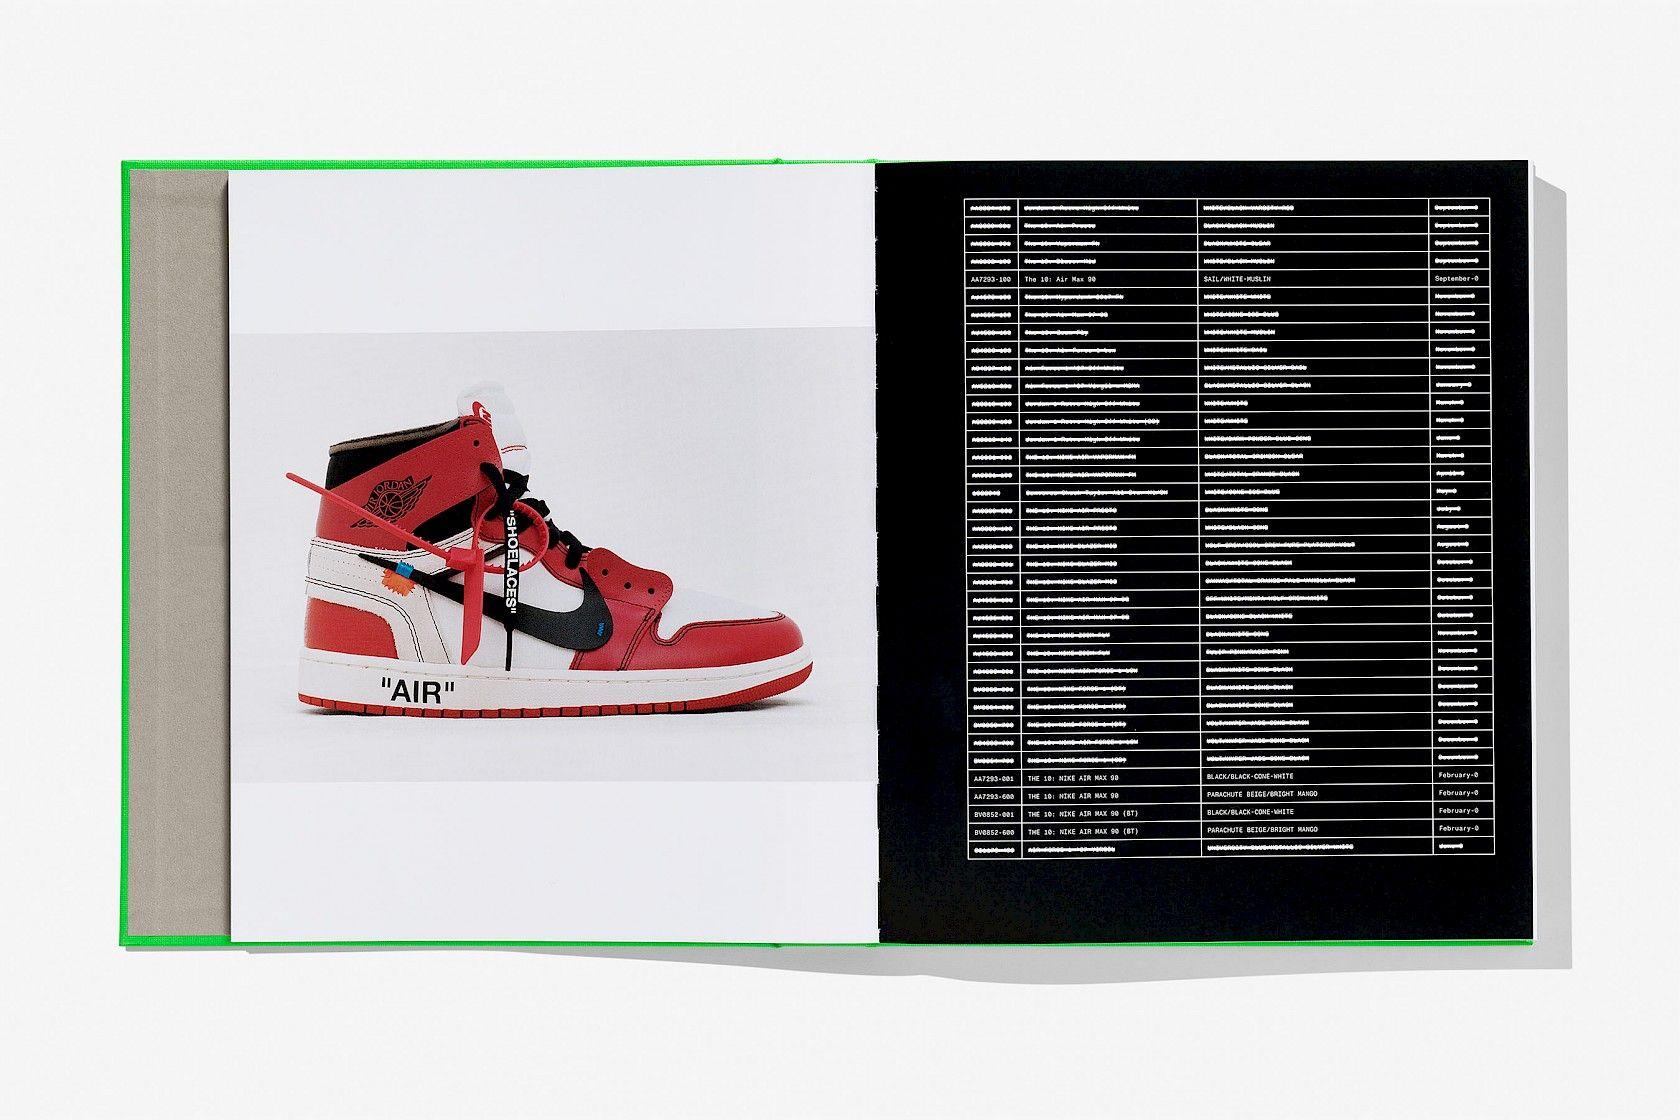 Nike Air Jordan 1 OG - The Virgil Abloh makeover